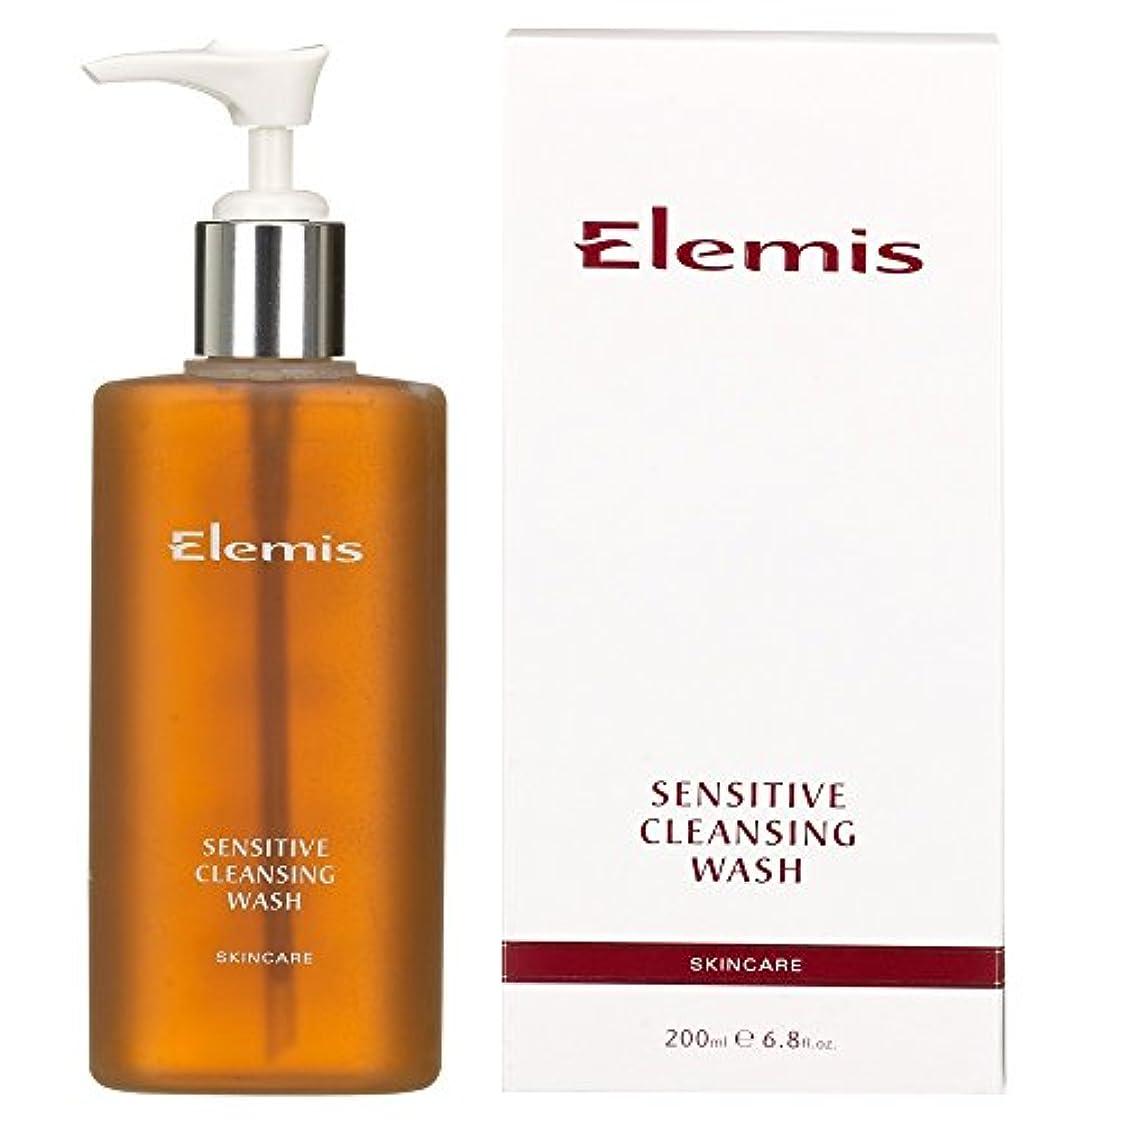 実装する読み書きのできないそうエレミスは敏感クレンジングウォッシュをスキンケア (Elemis) (x2) - Elemis Skincare Sensitive Cleansing Wash (Pack of 2) [並行輸入品]